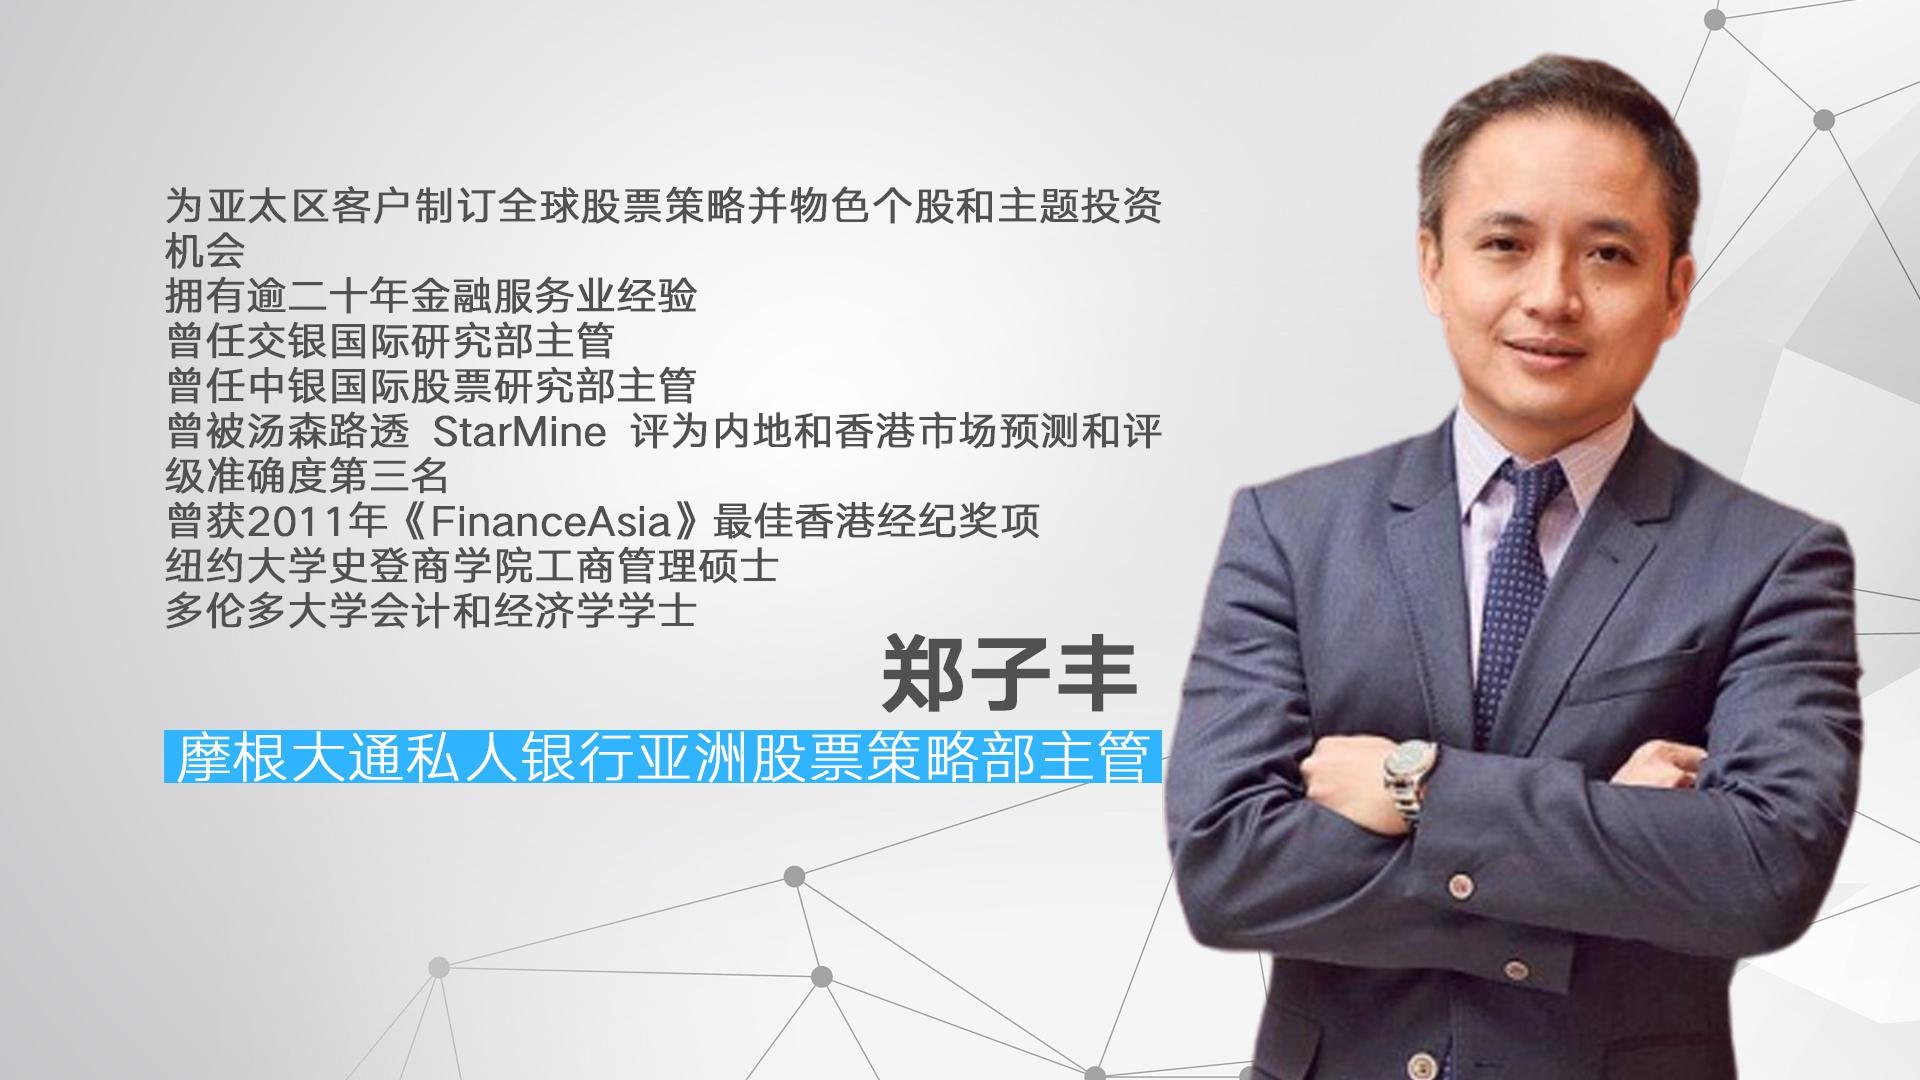 大咖录丨看好中国股票 摩根大通私银解答科技股投资要点